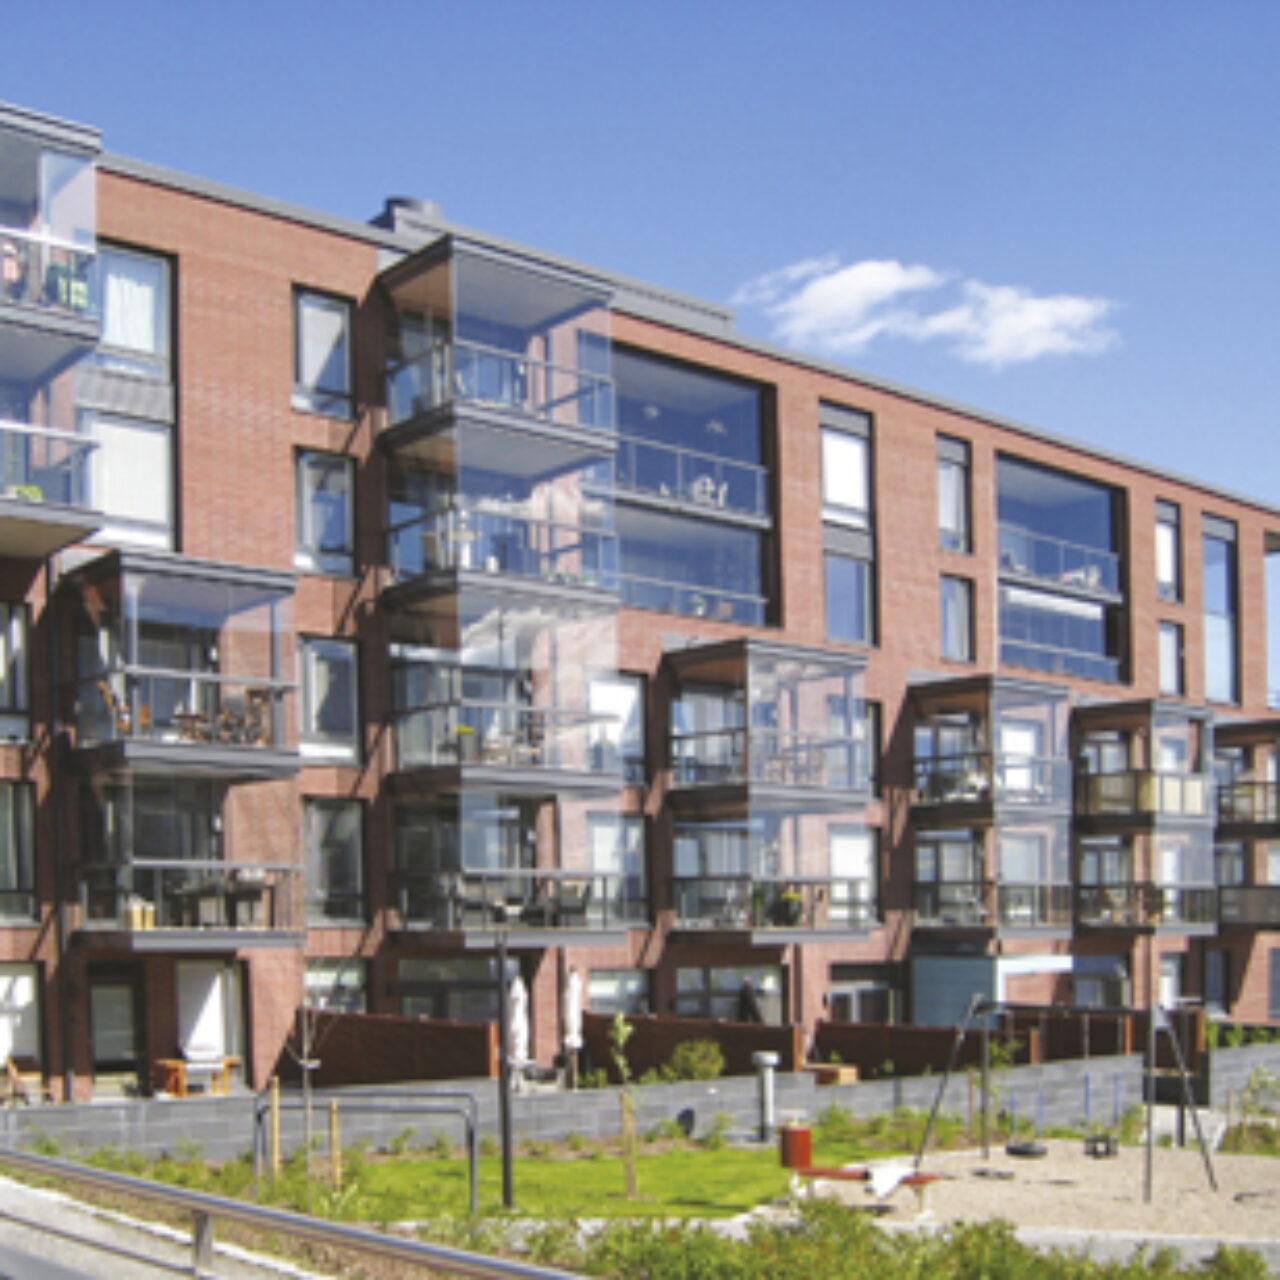 Arkkitehdit suosivat isoja ikkunoita, jotka energiatehokkaina ovat hyvin painavia.